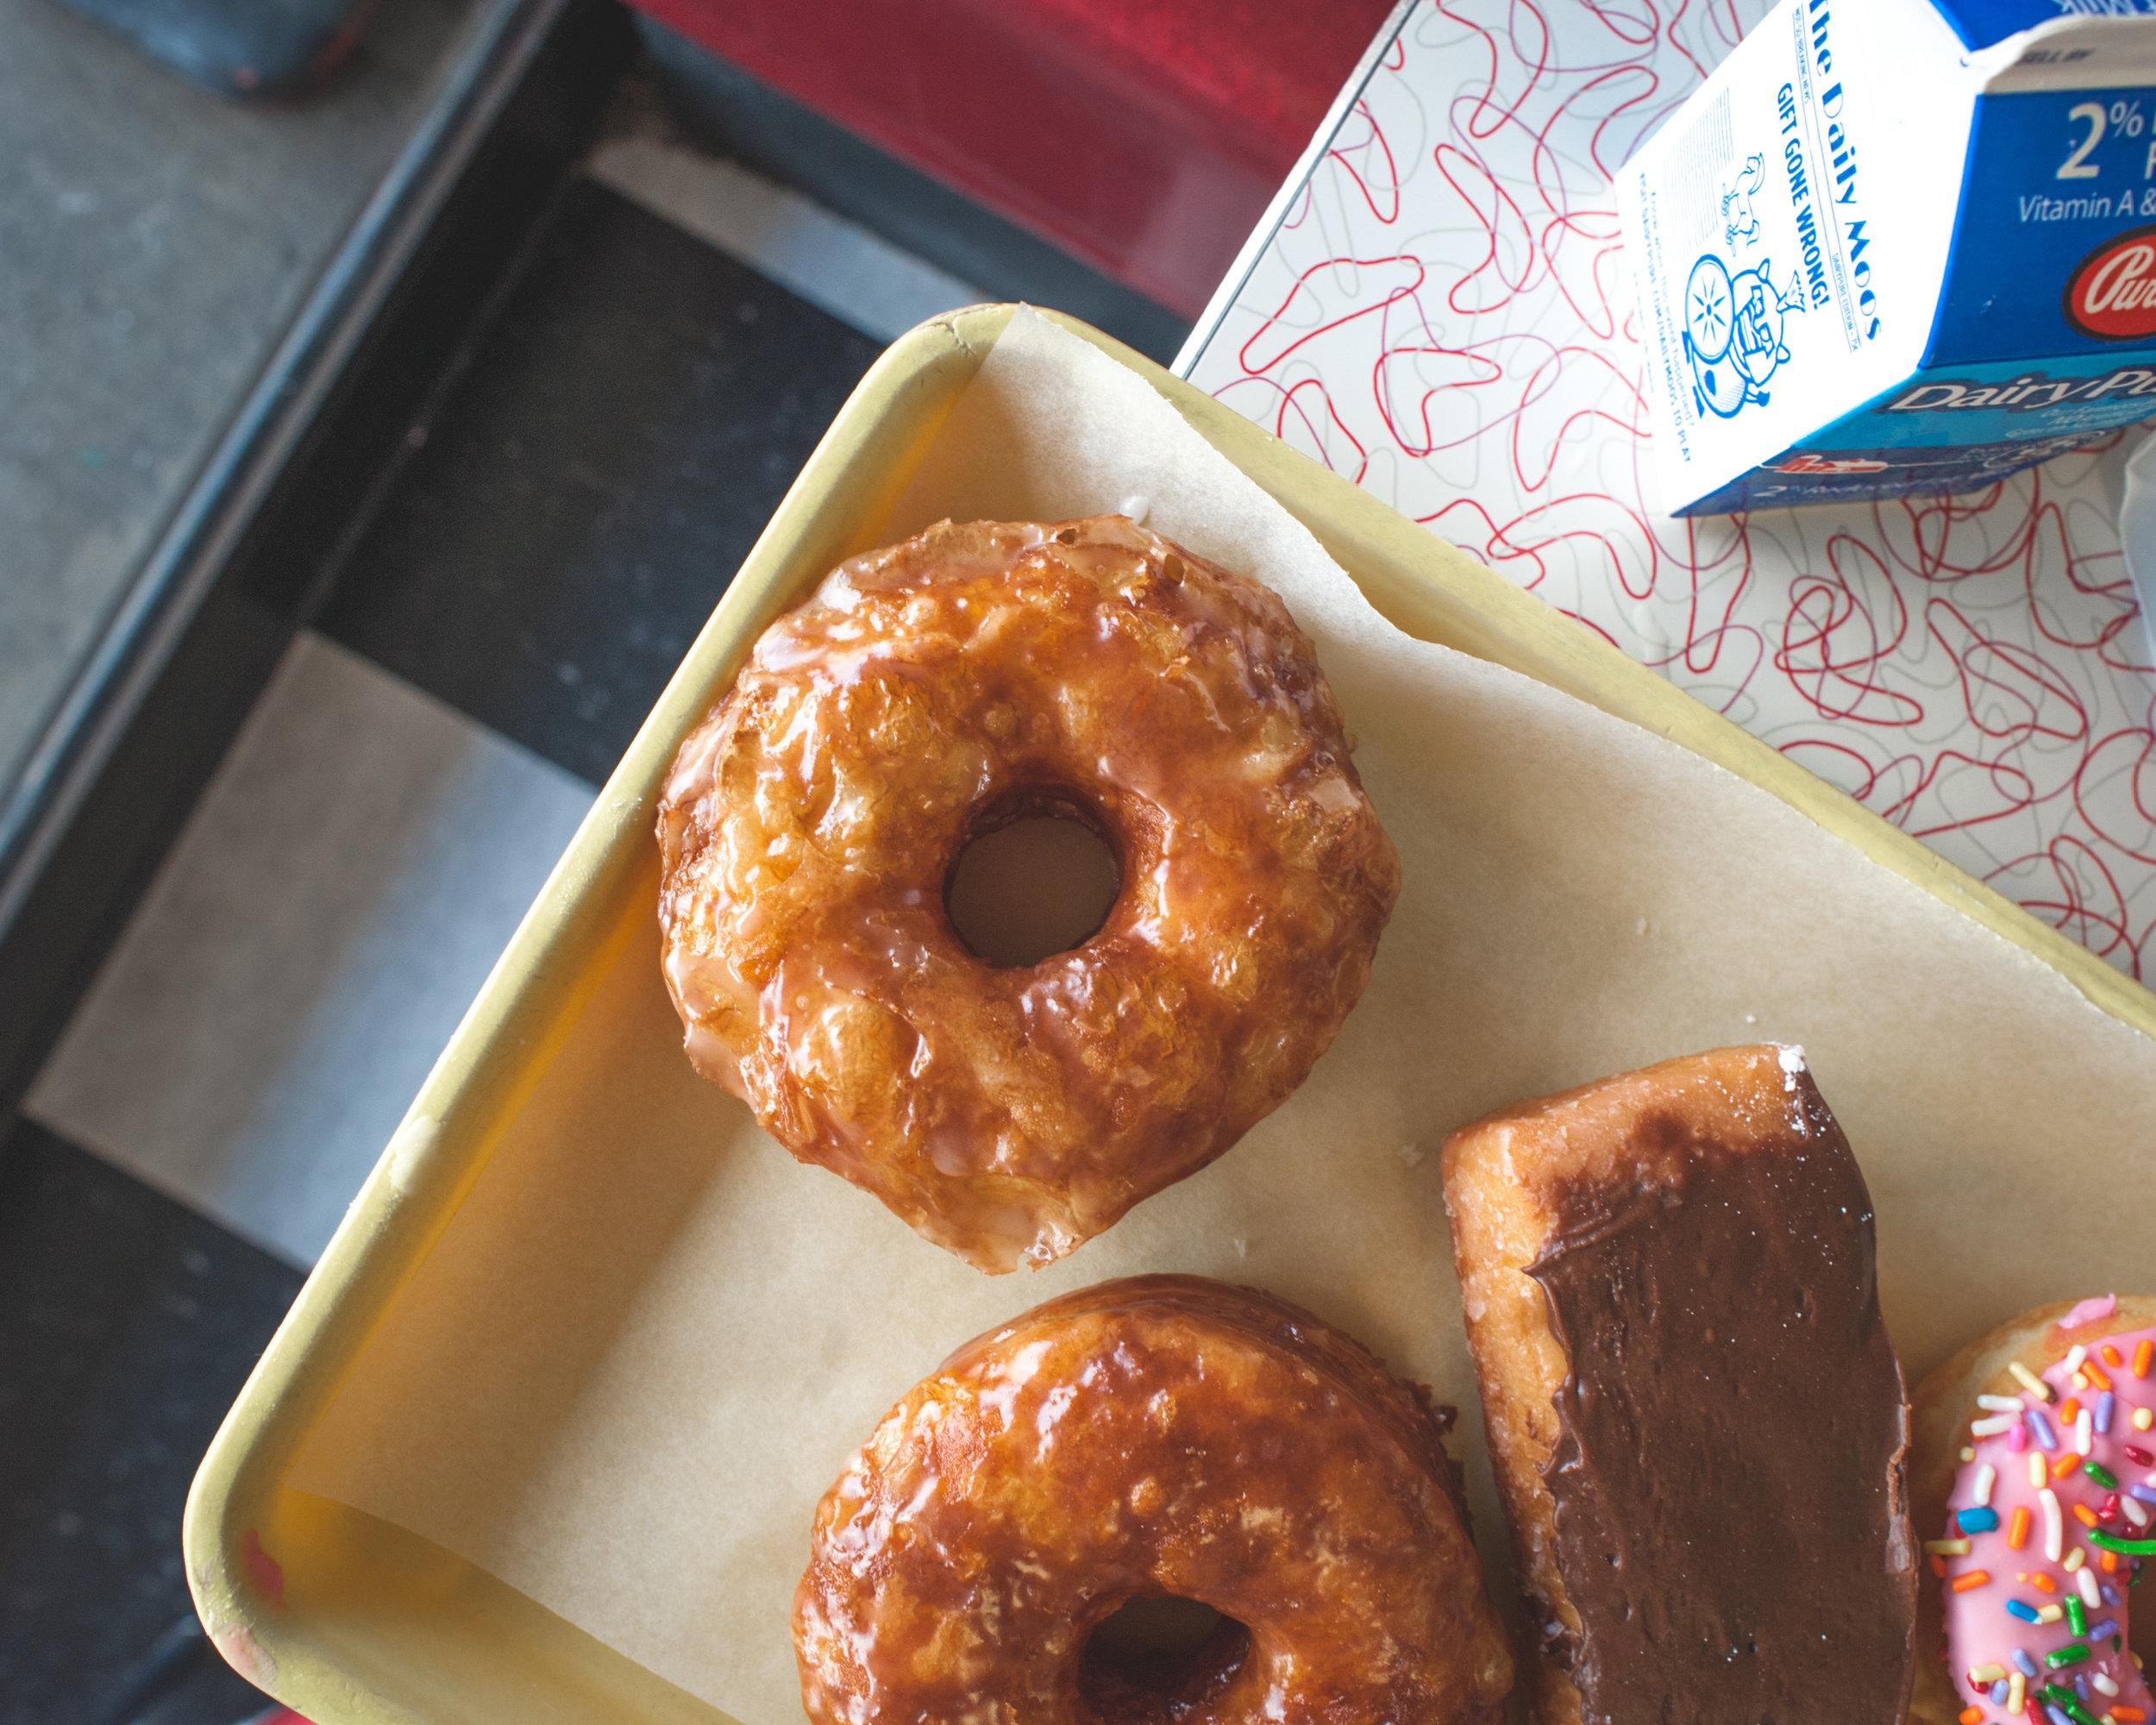 DonutDen_Cronut_2880x2304.jpg